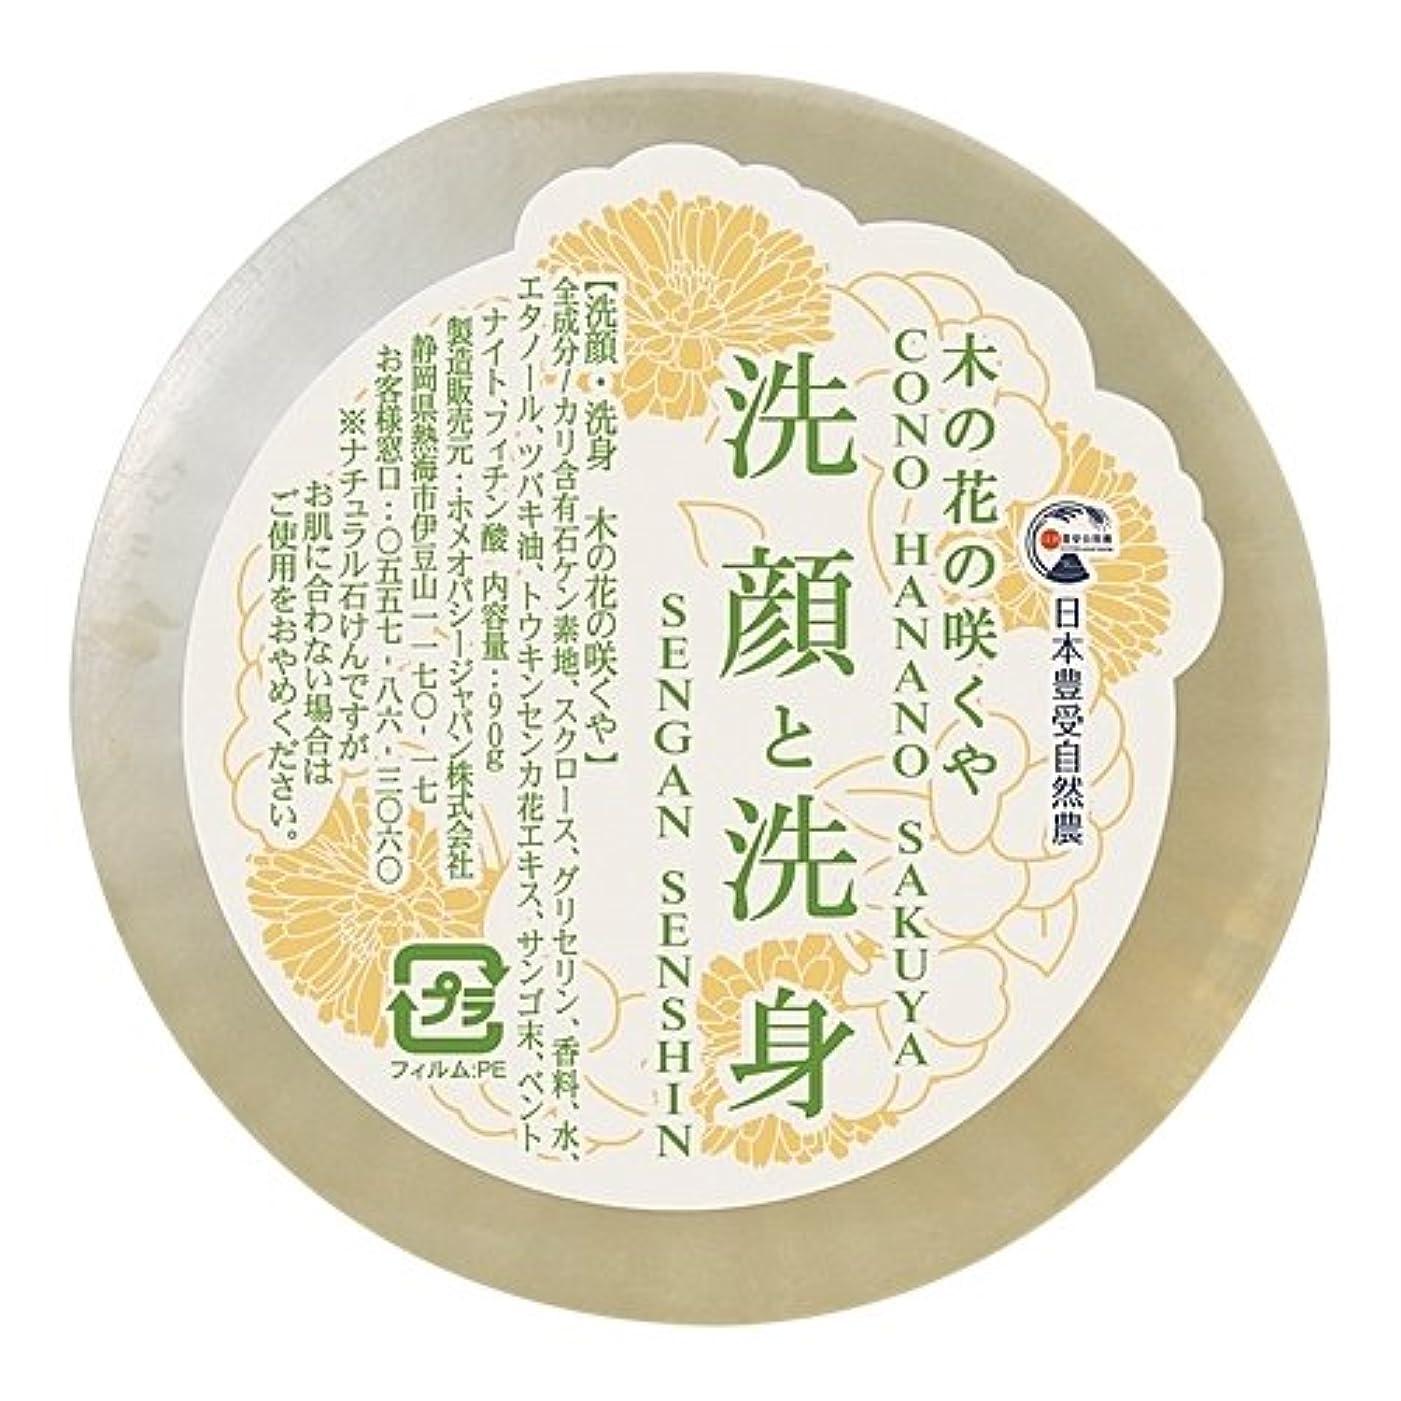 弾力性のある欠点魅力日本豊受自然農 木の花の咲くや 洗顔?洗身ソープ 90g